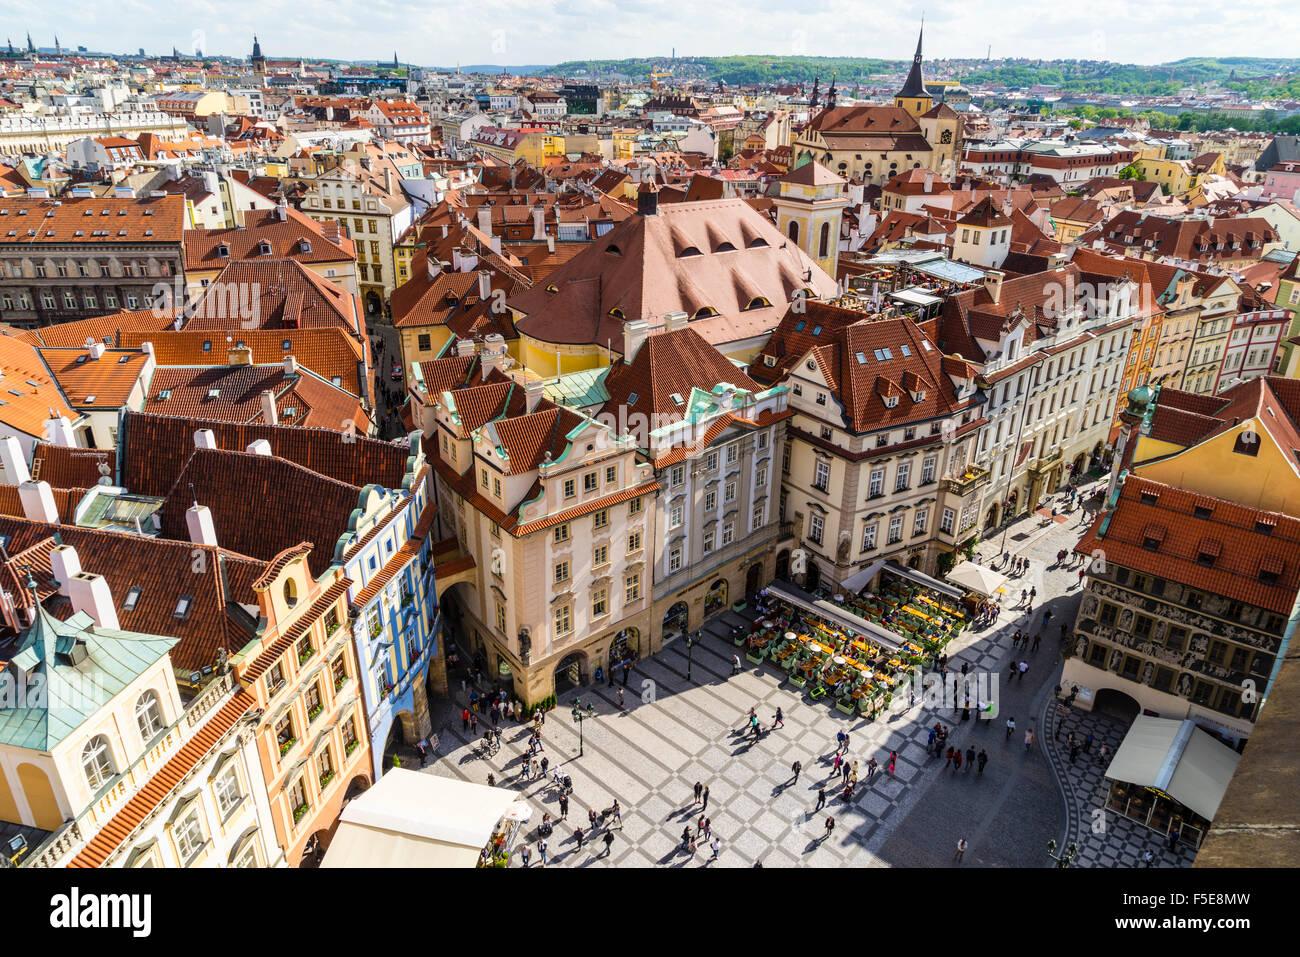 Erhöhte Ansicht von Gebäuden in UNESCO-Weltkulturerbe, Altstädter Ring, Prag, Tschechische Republik, Stockbild